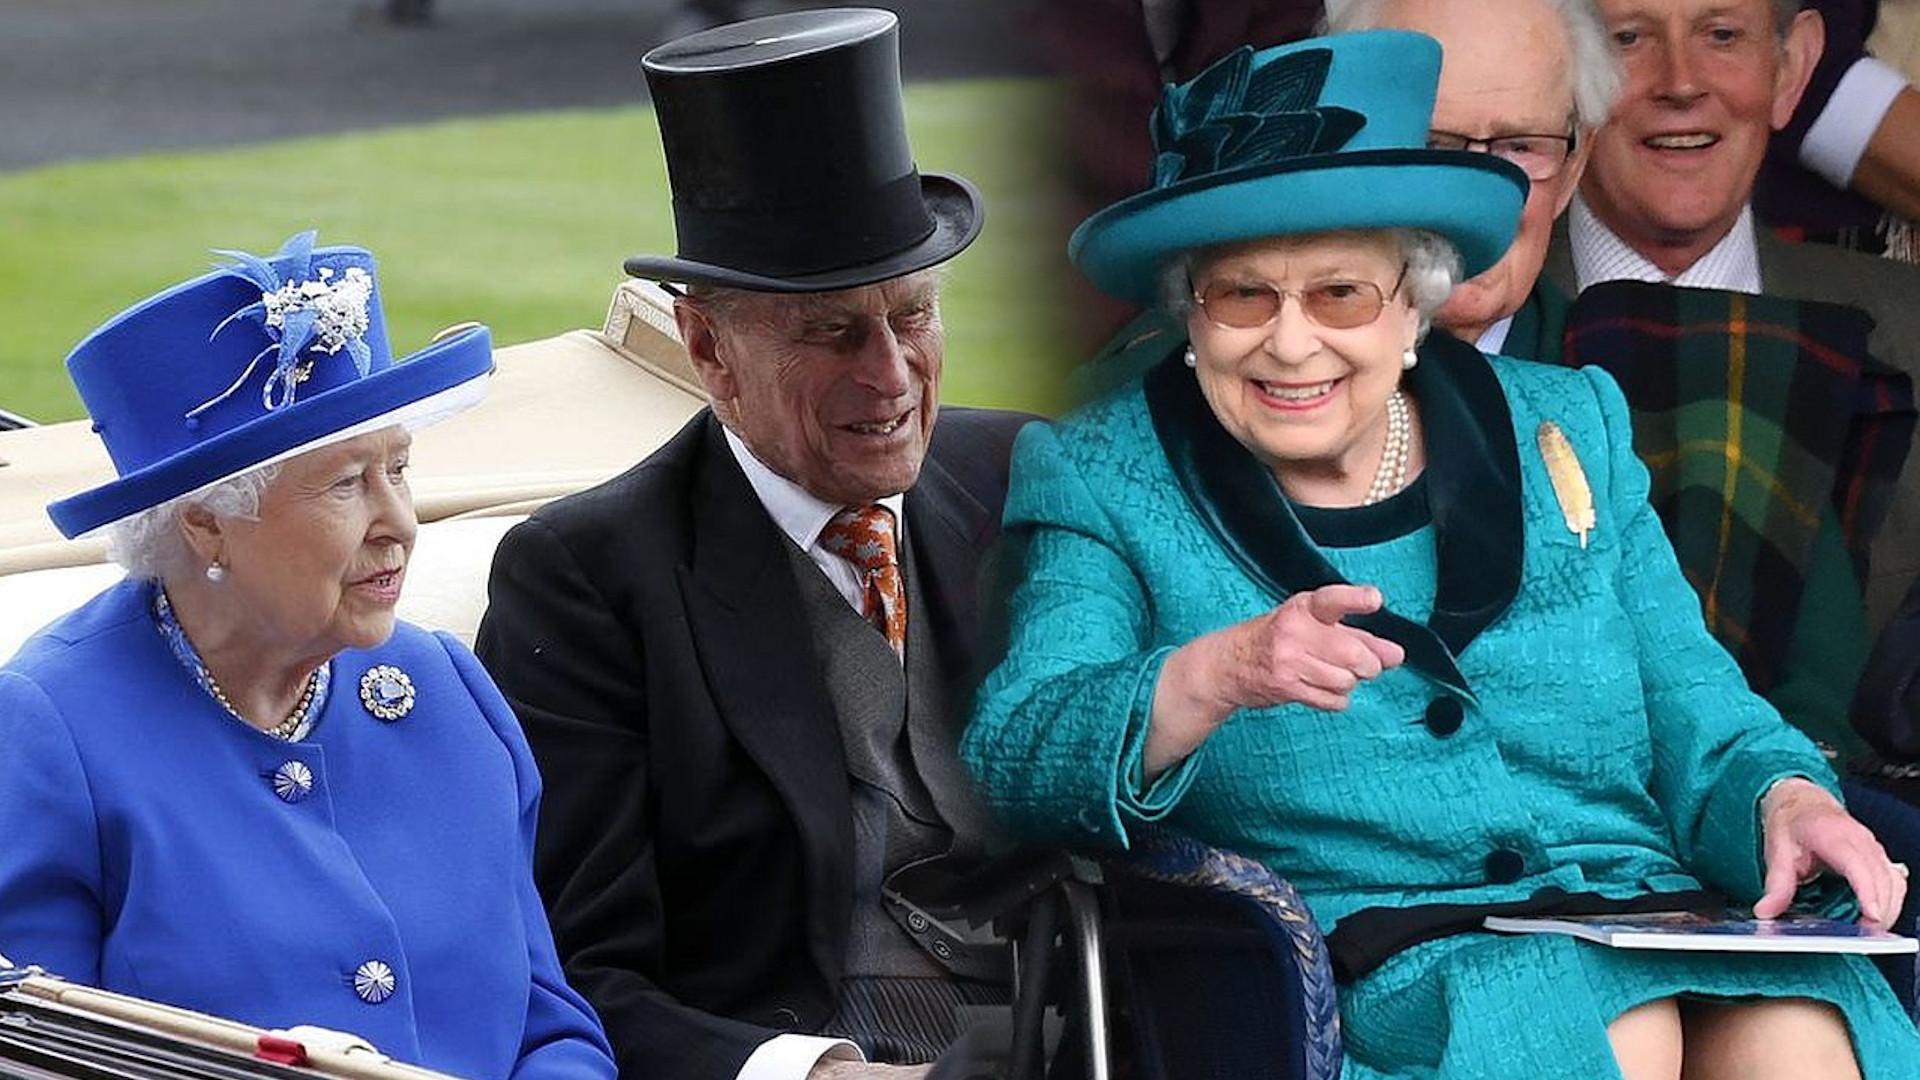 Książę Filip powiedział żart dotyczący CIAŁA królowej Elżbiety